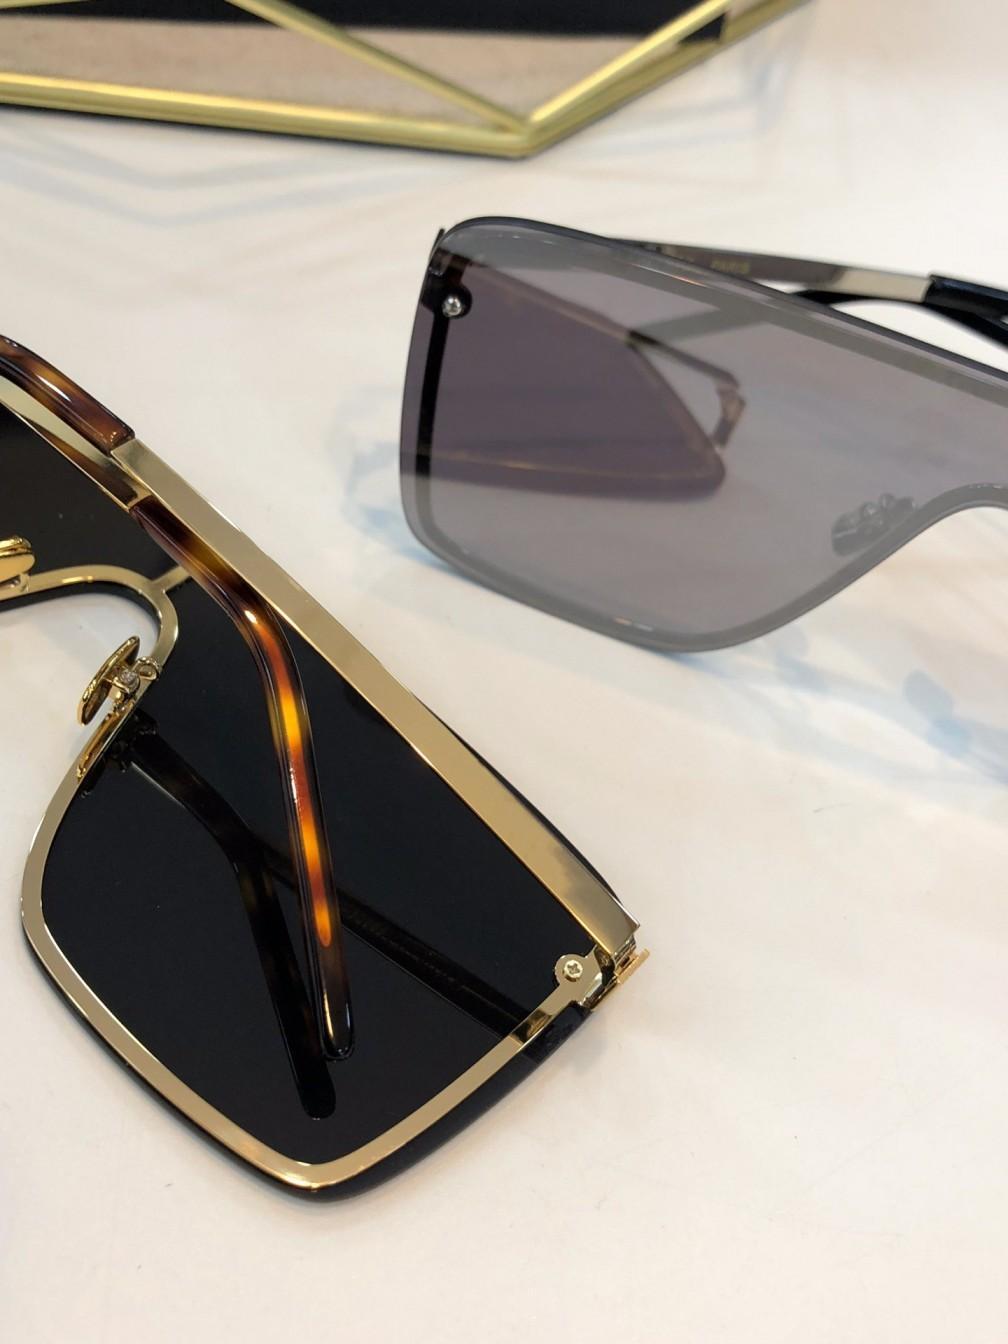 2021 جديد أعلى جودة 364 رجل نظارات الرجال نظارات الشمس مزاجه النساء النظارات الشمسية نمط الأزياء يحمي العينين مع مربع